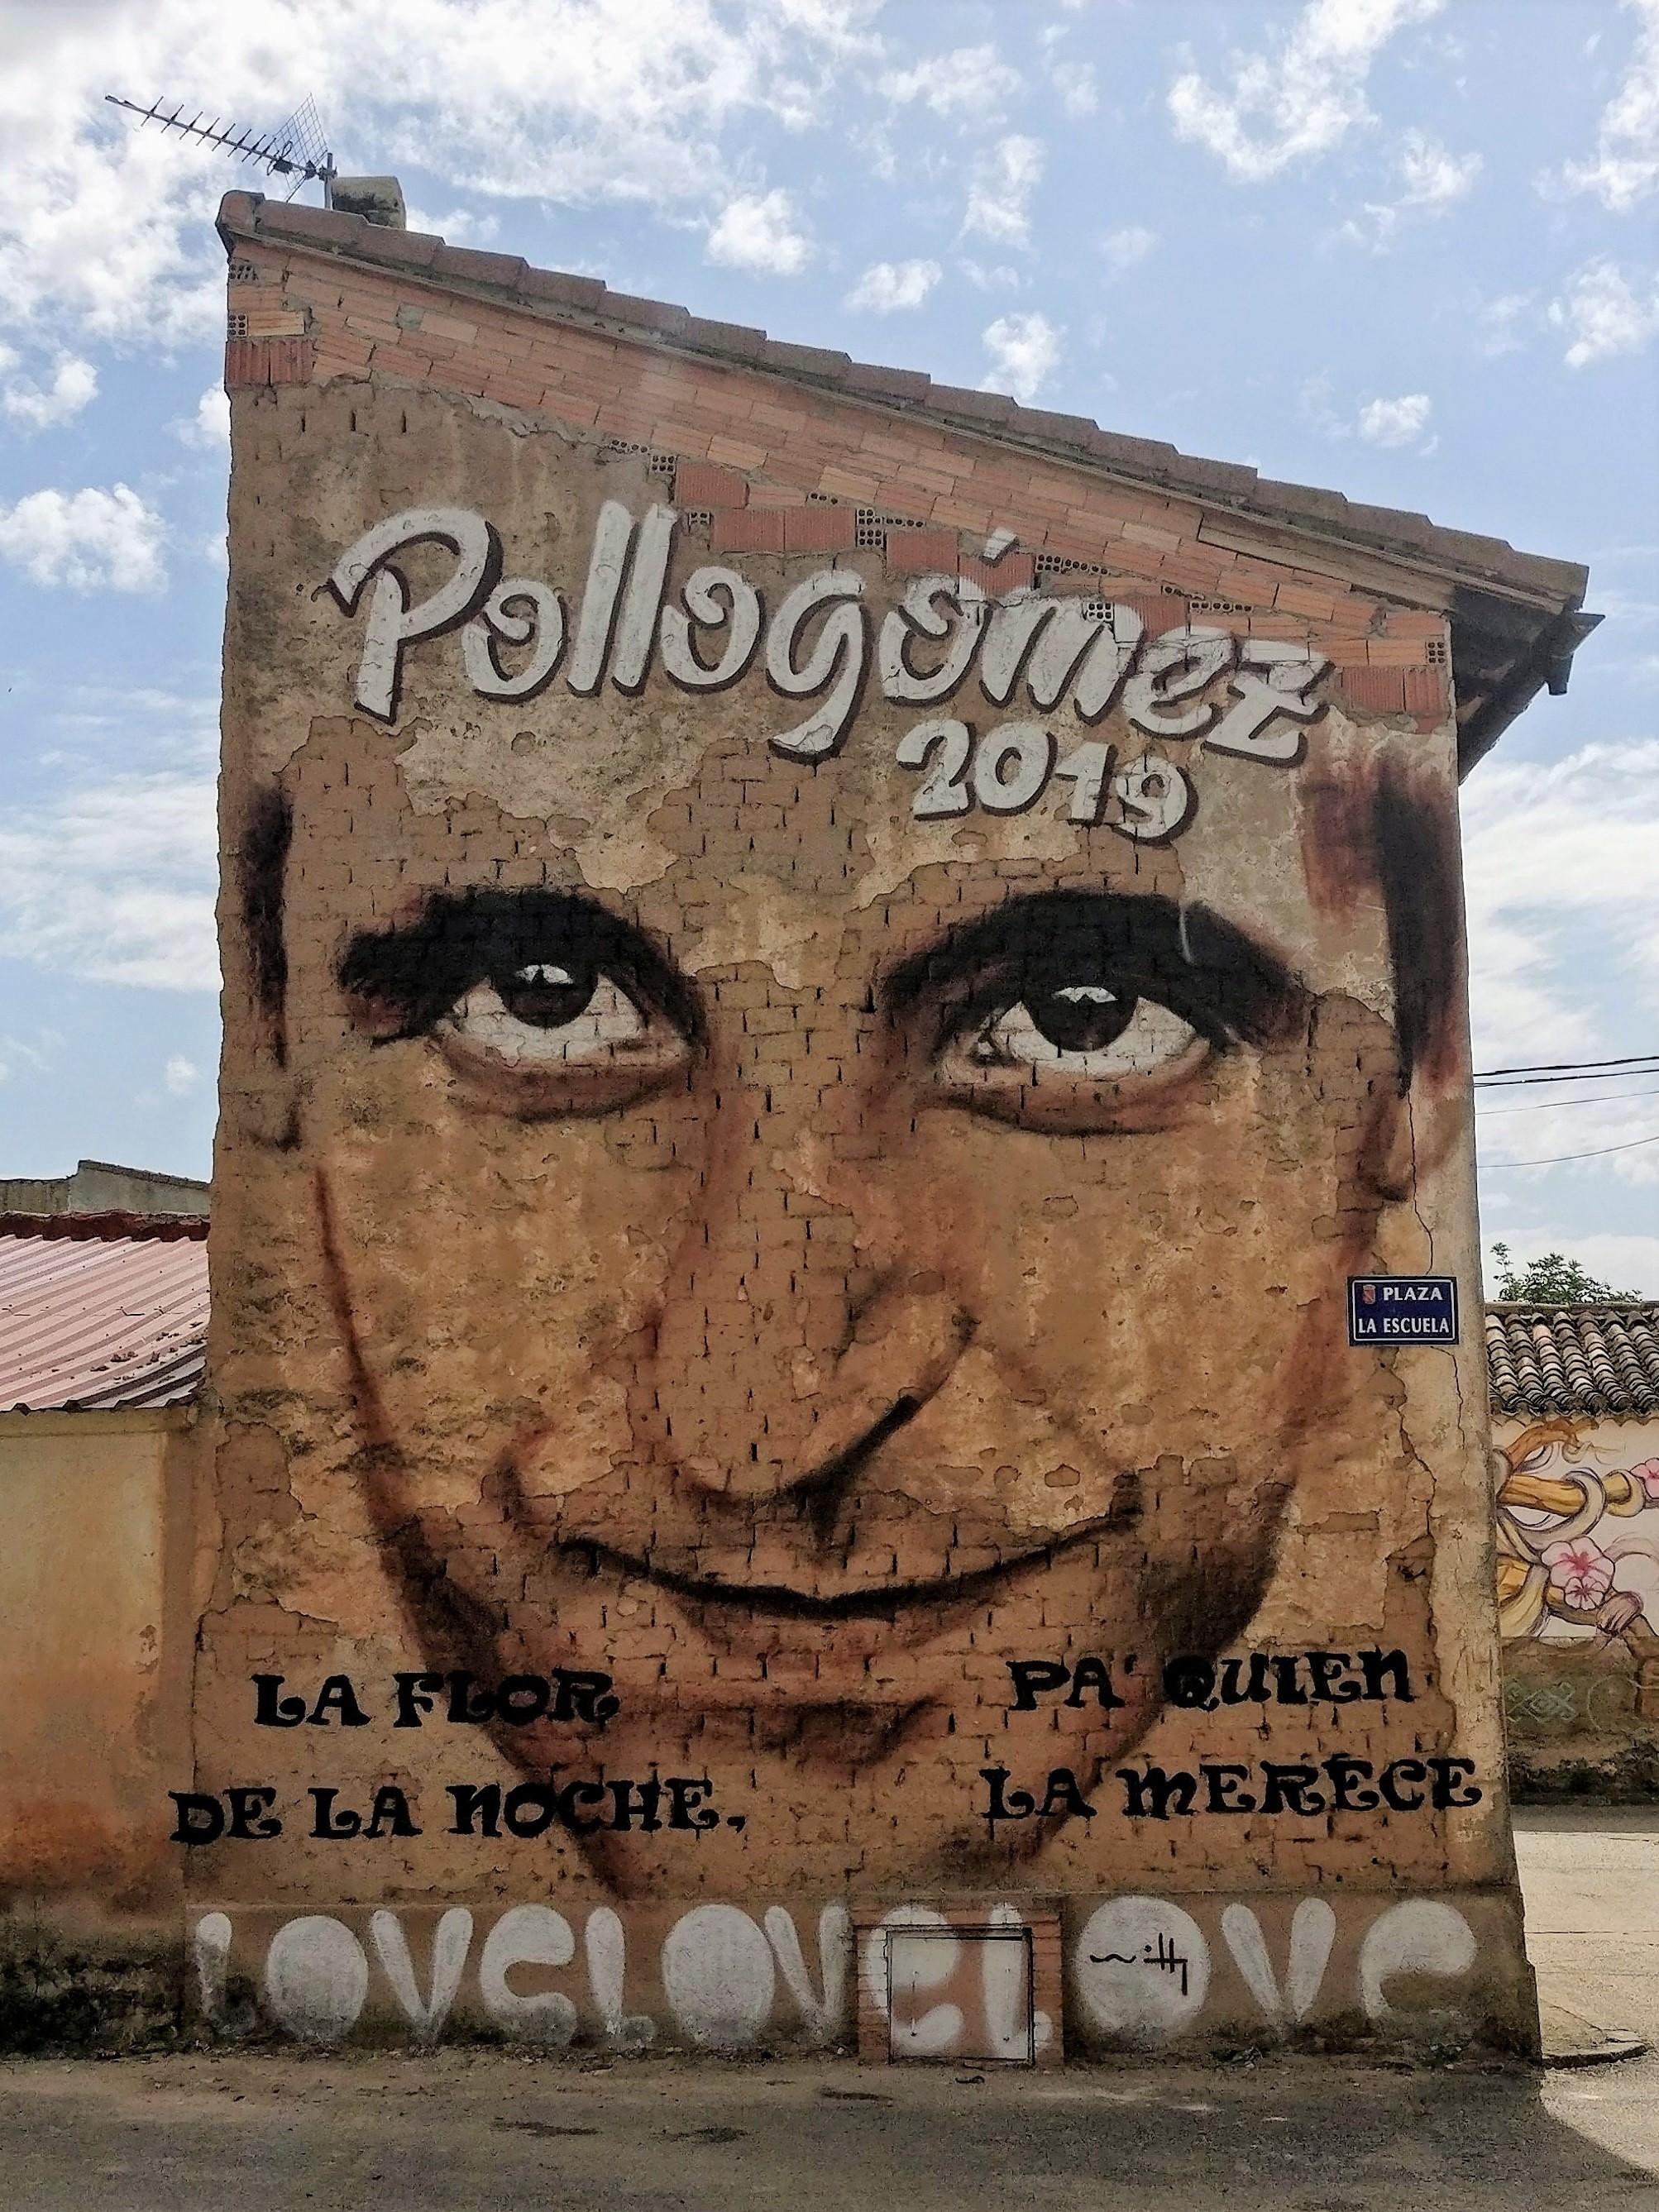 Cartel del Festival Pollogómez 2019 en la plaza de La Escuela.